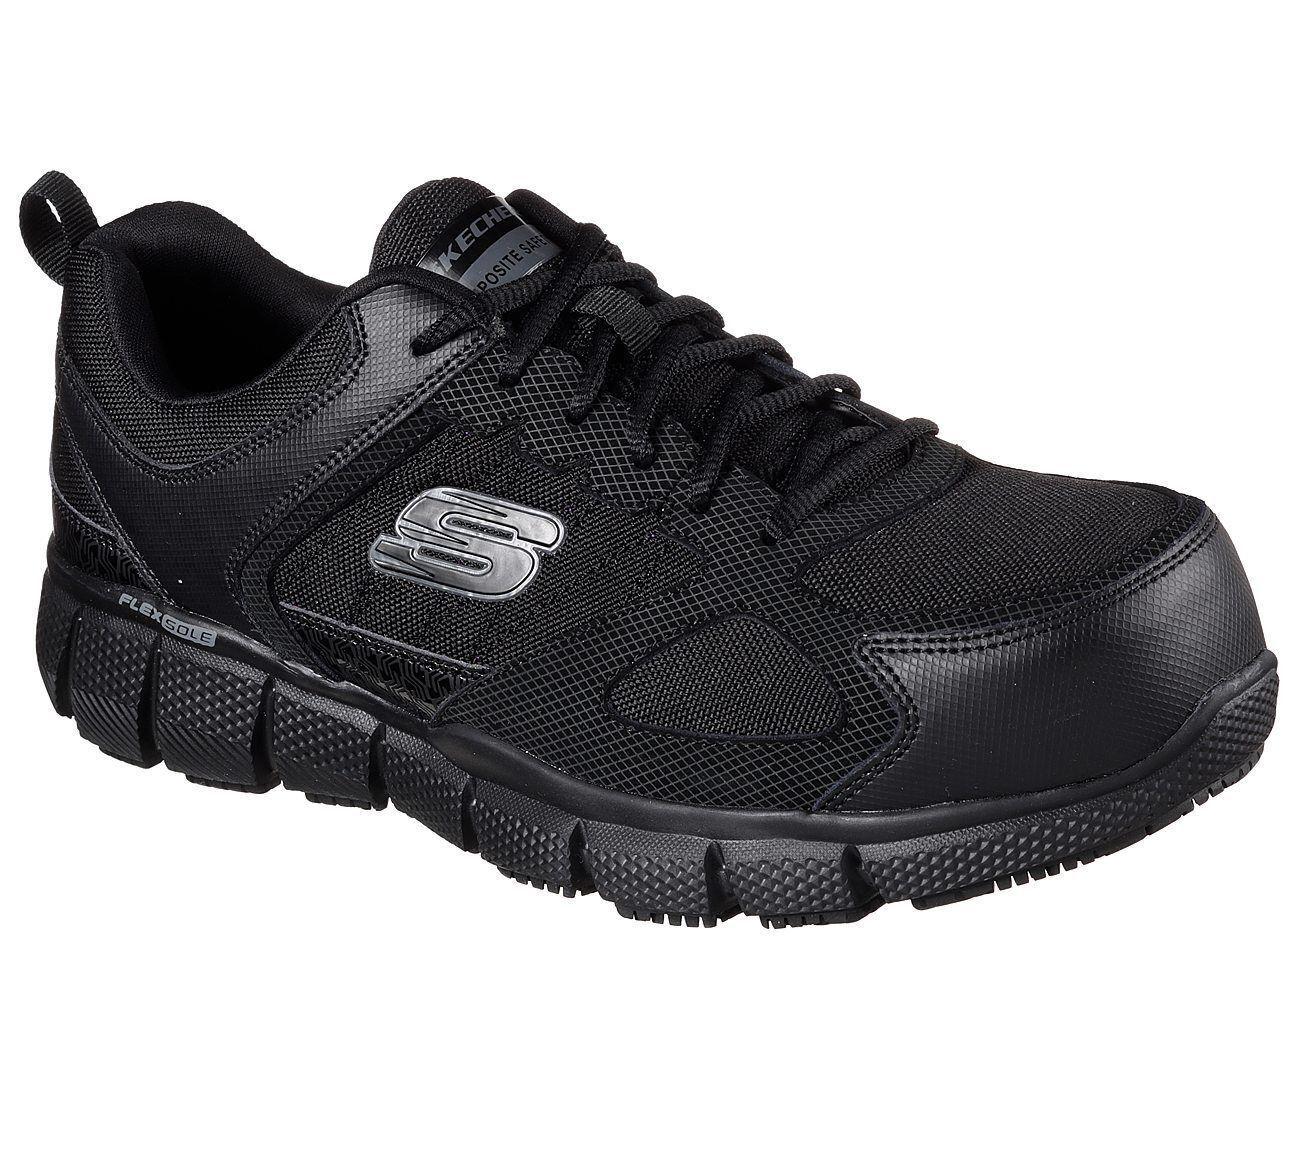 Nero Skechers Skechers Skechers scarpe Wide Men's 77132 Work W Memory Foam Slip Resistant safe Toe 05f688